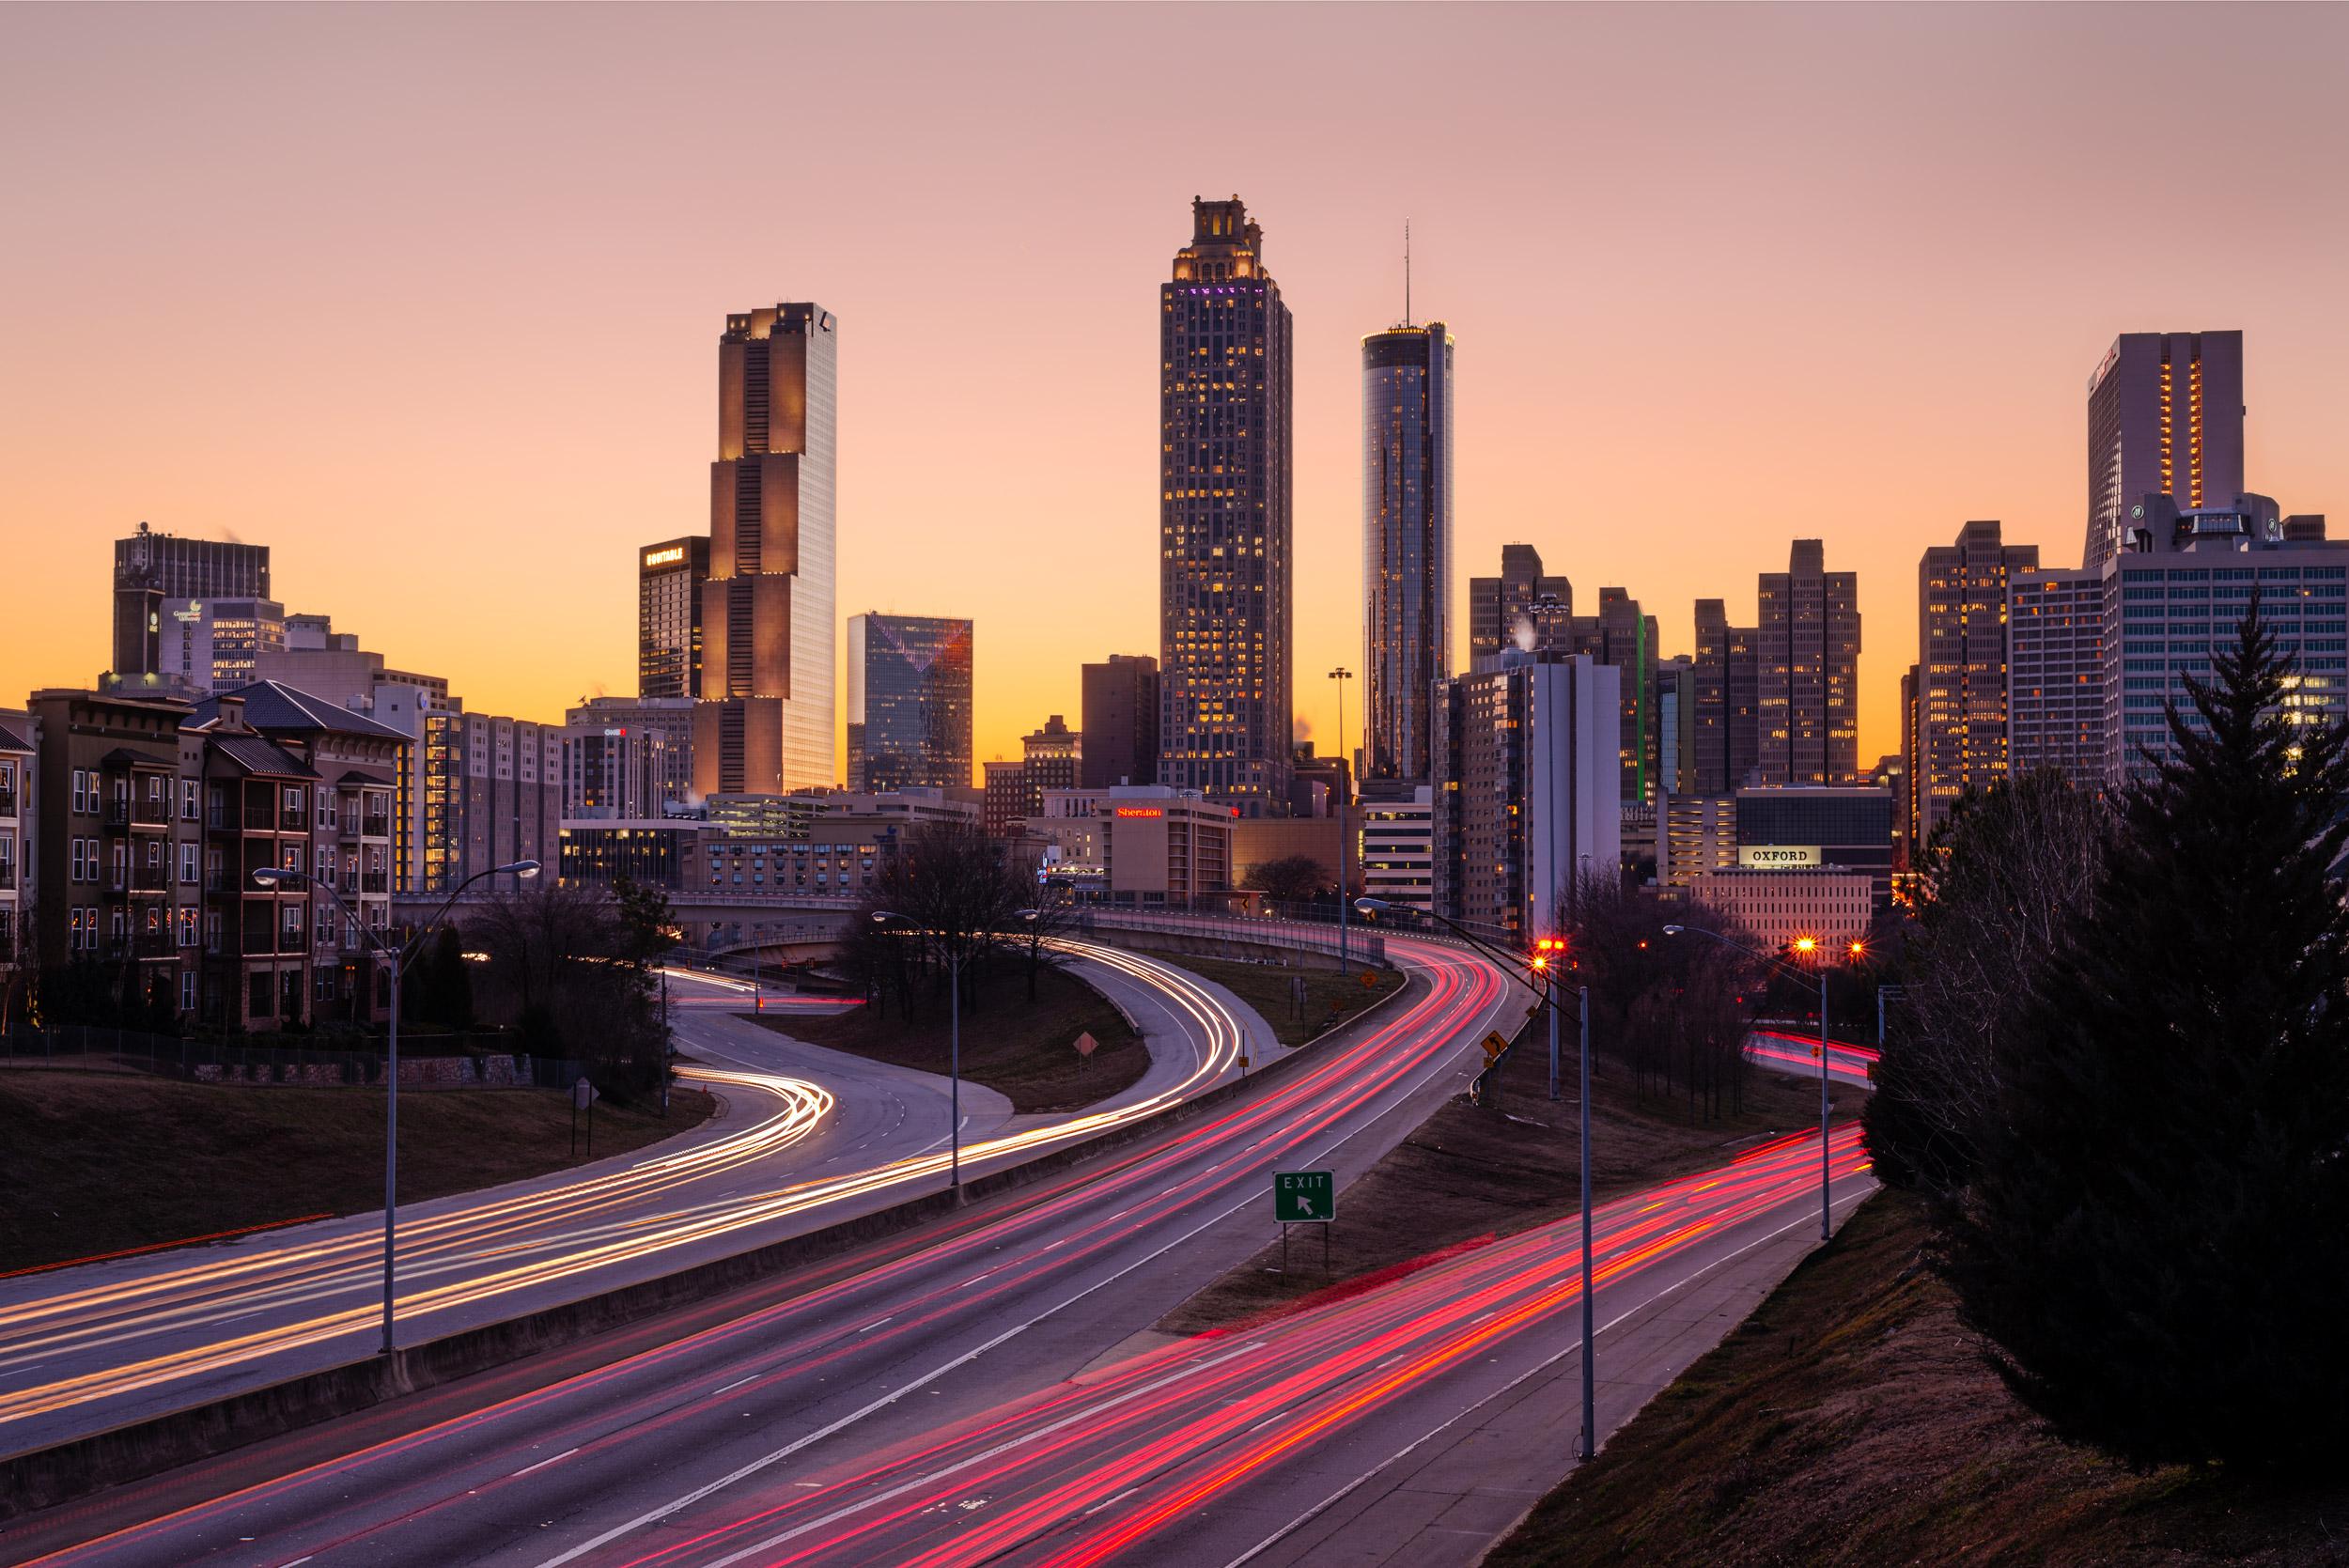 Atlanta Downtown Skyline - Taken at Jackson Street Bridge on a frigid day (for Atlanta).